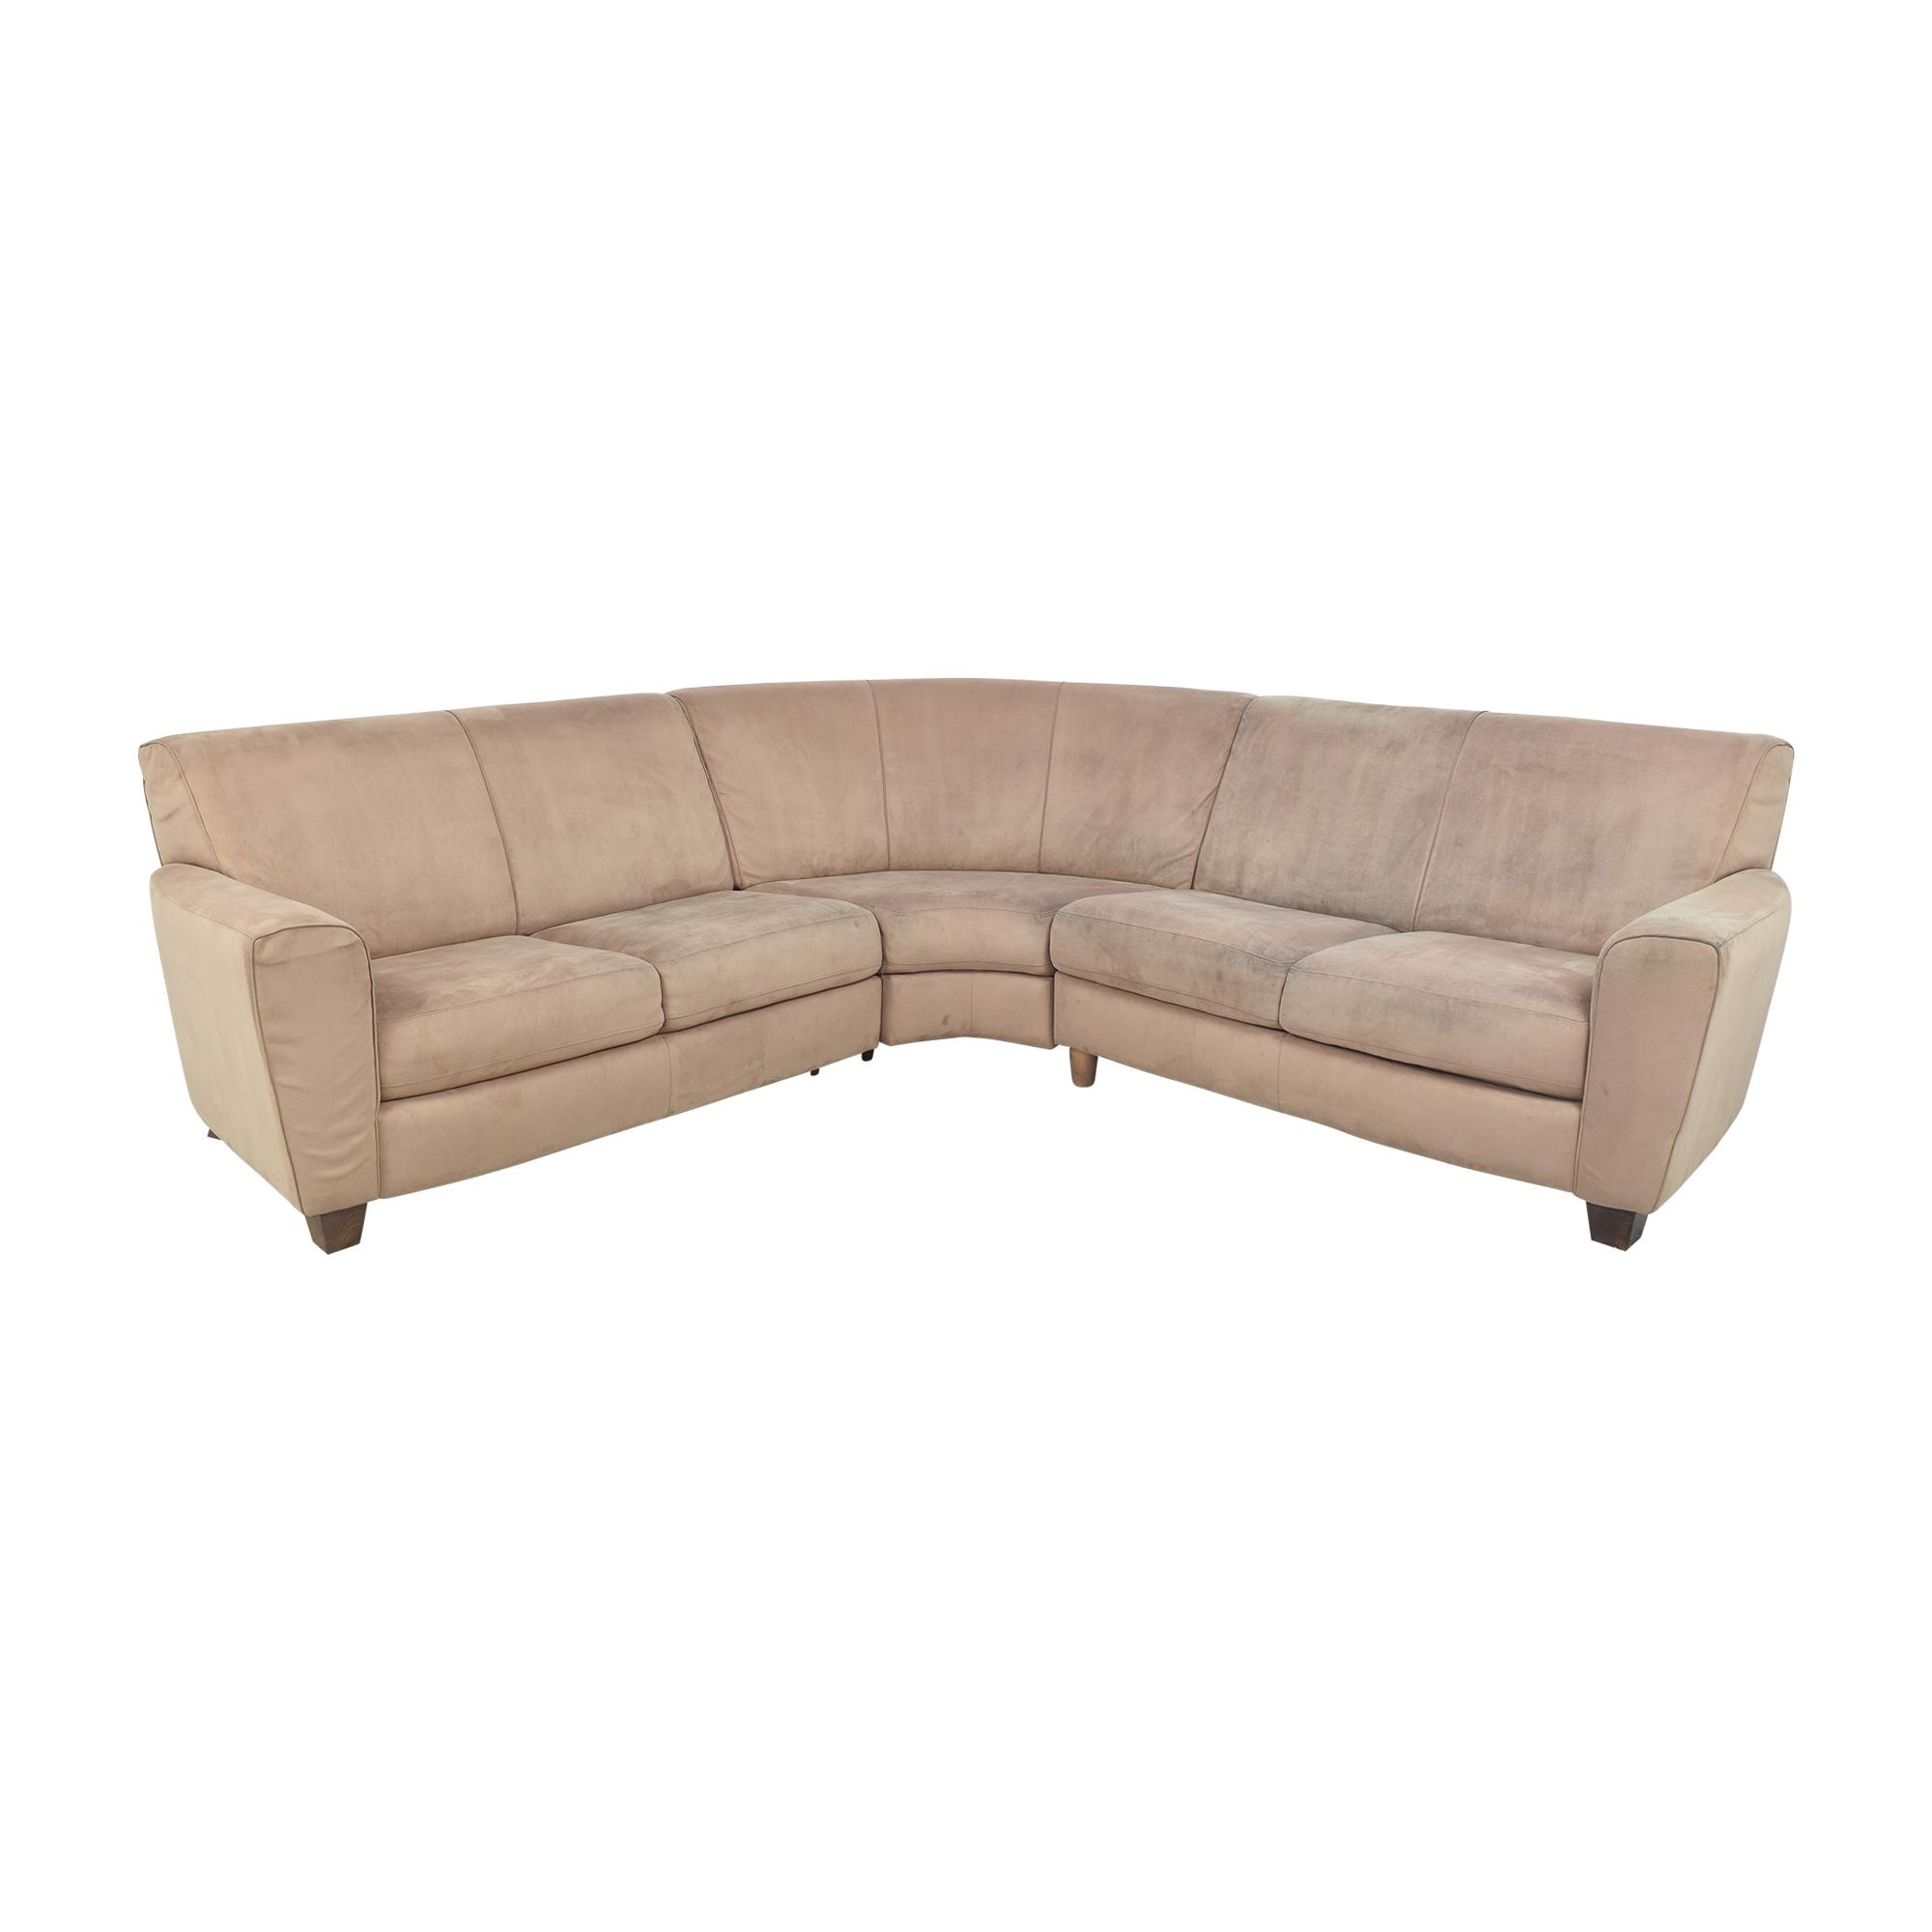 Natuzzi Natuzzi Corner Sectional Sofa on sale